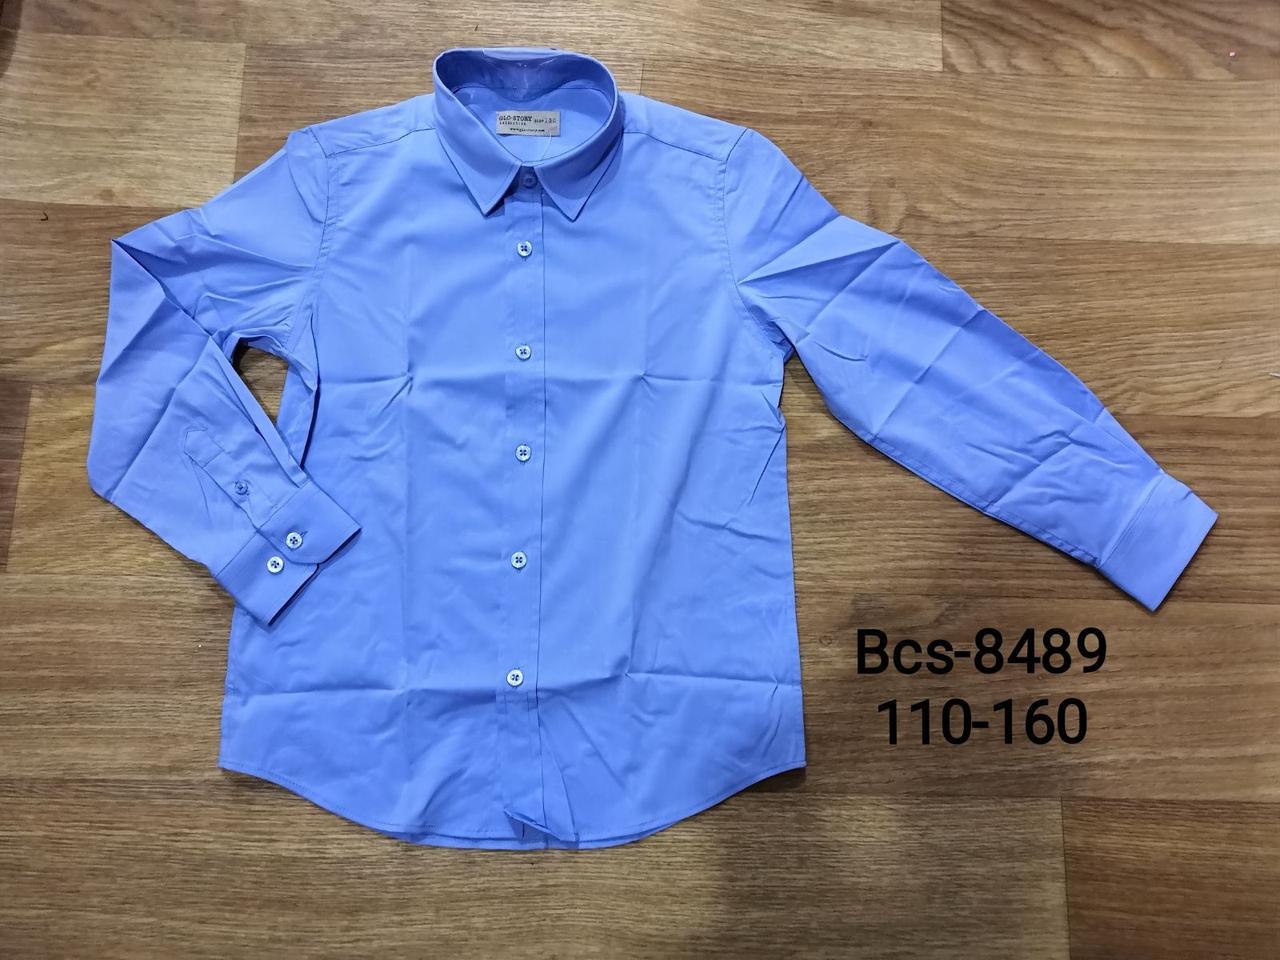 Рубашки для мальчиков оптом, размеры 110-160 Glo-story, арт. BCX-8489